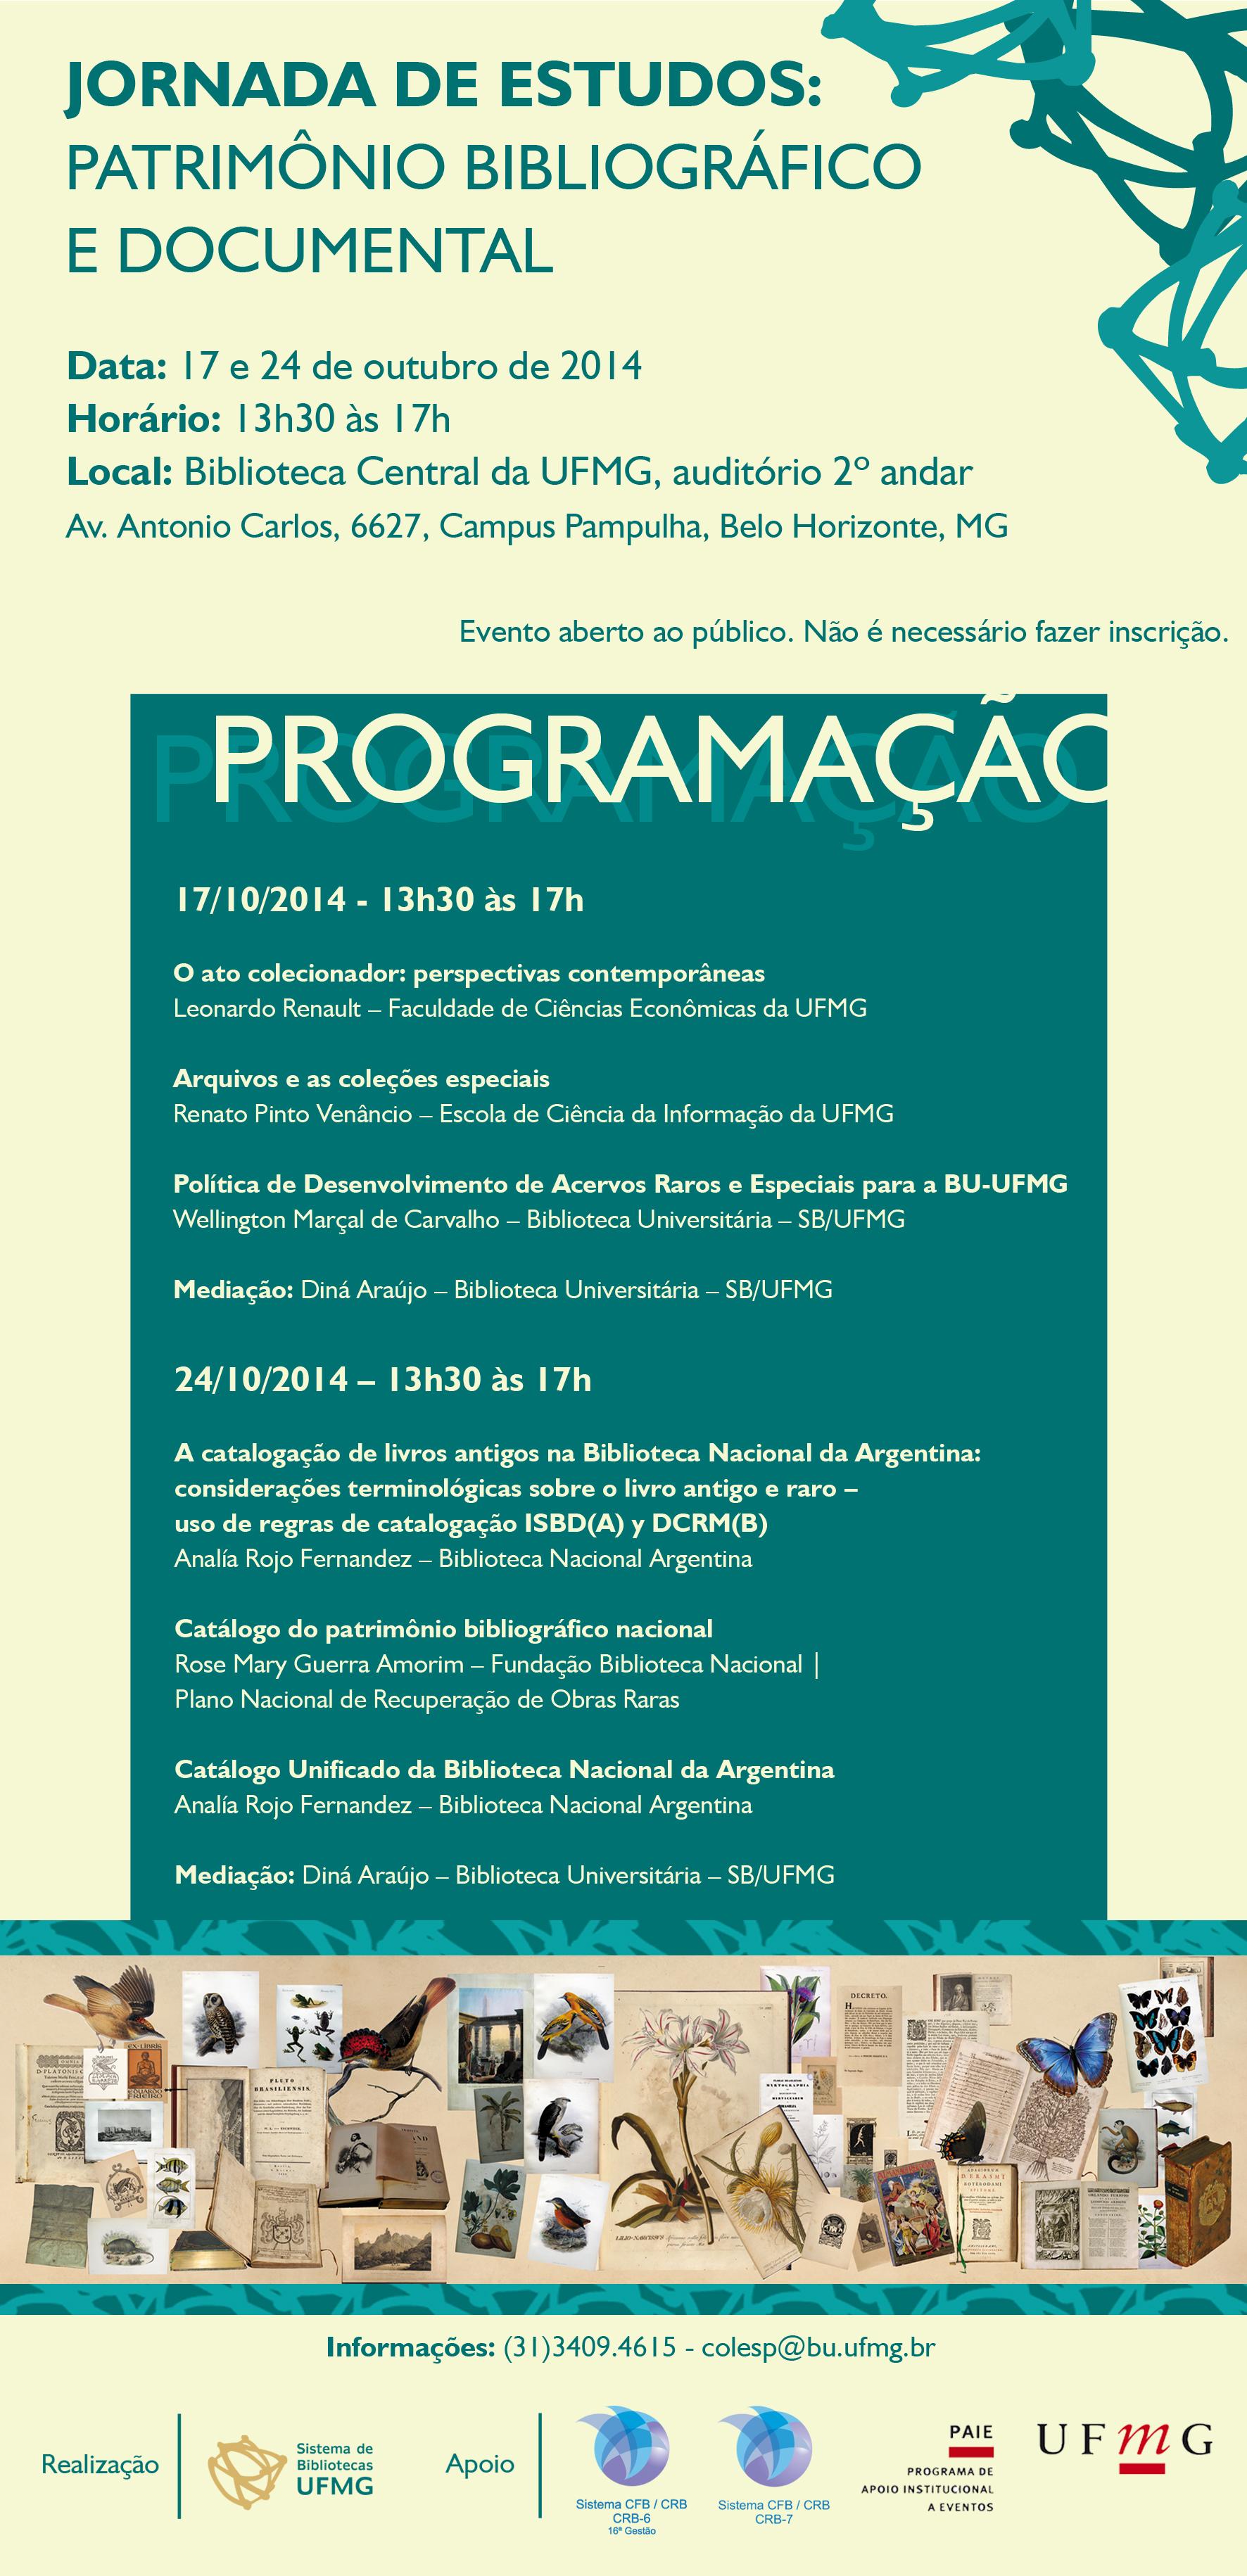 Jornada de Estudos patrimônio bibliográfico e documental